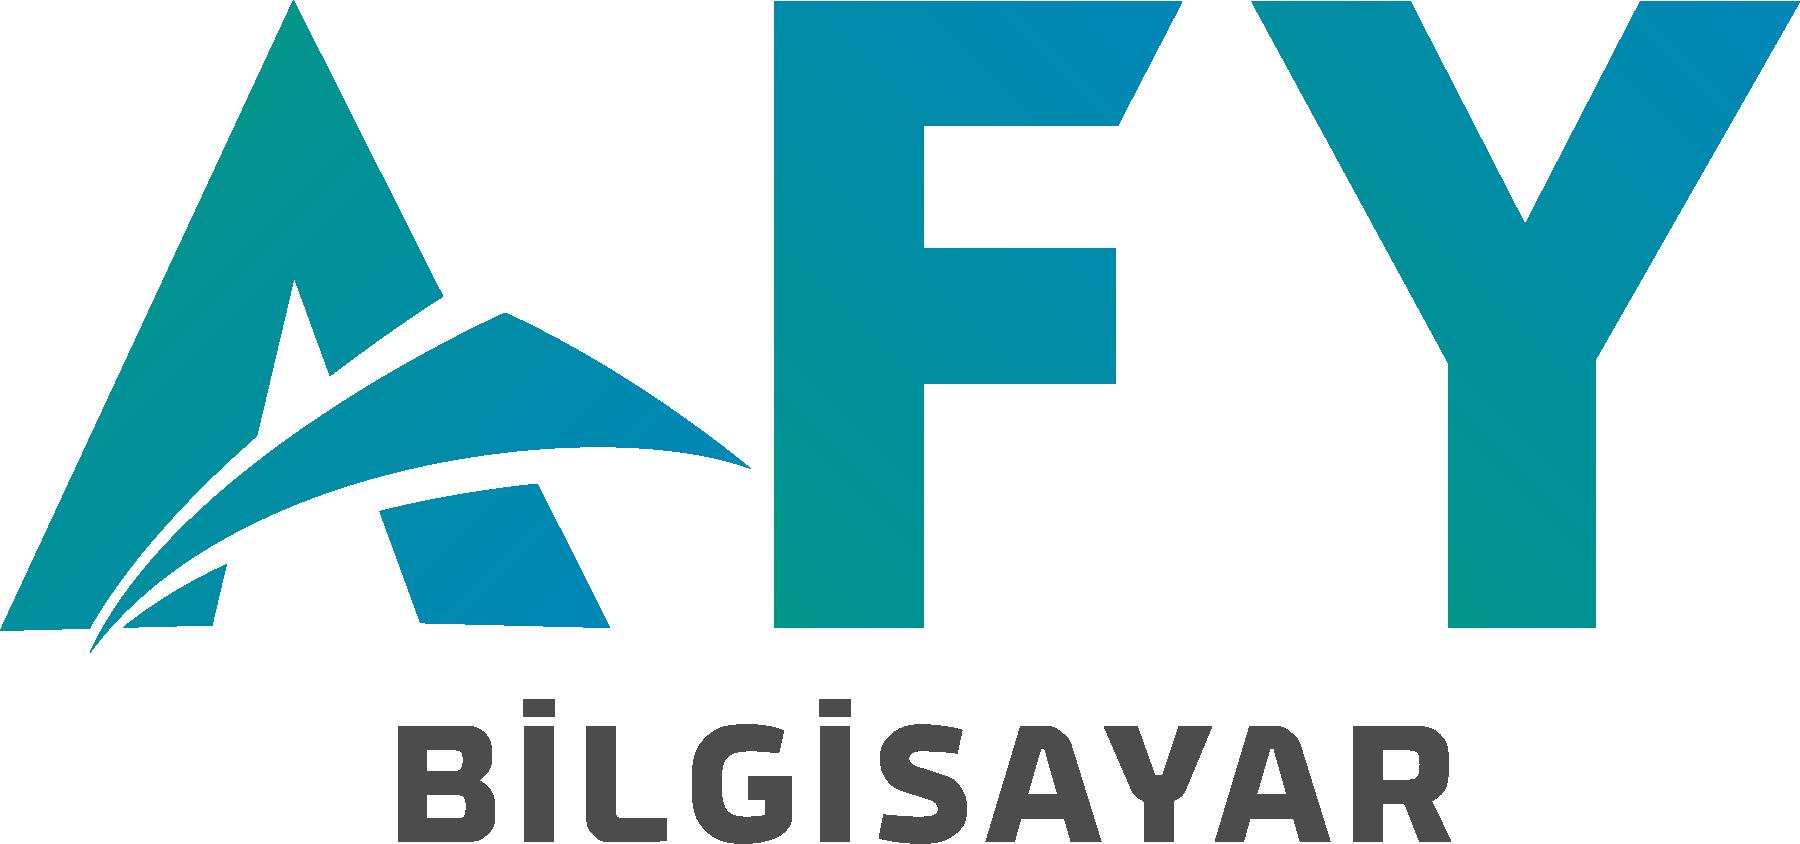 A.F.Y. Bilgisayar Yazılım Donanım Ürünleri San. Tic. Ltd. Şti.